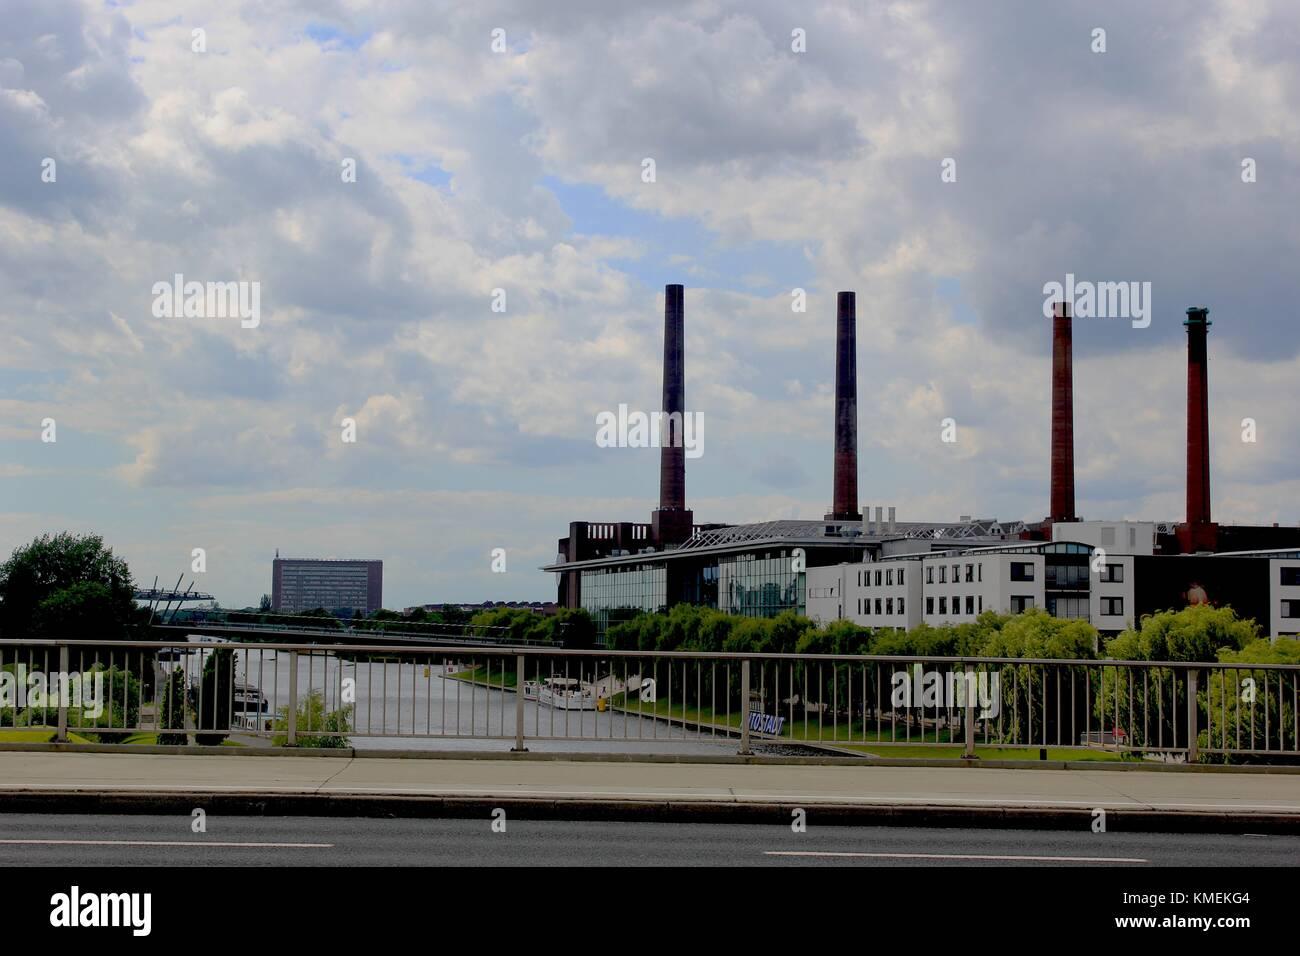 Headquarter of Volkswagen in Wolfsburg - Stock Image